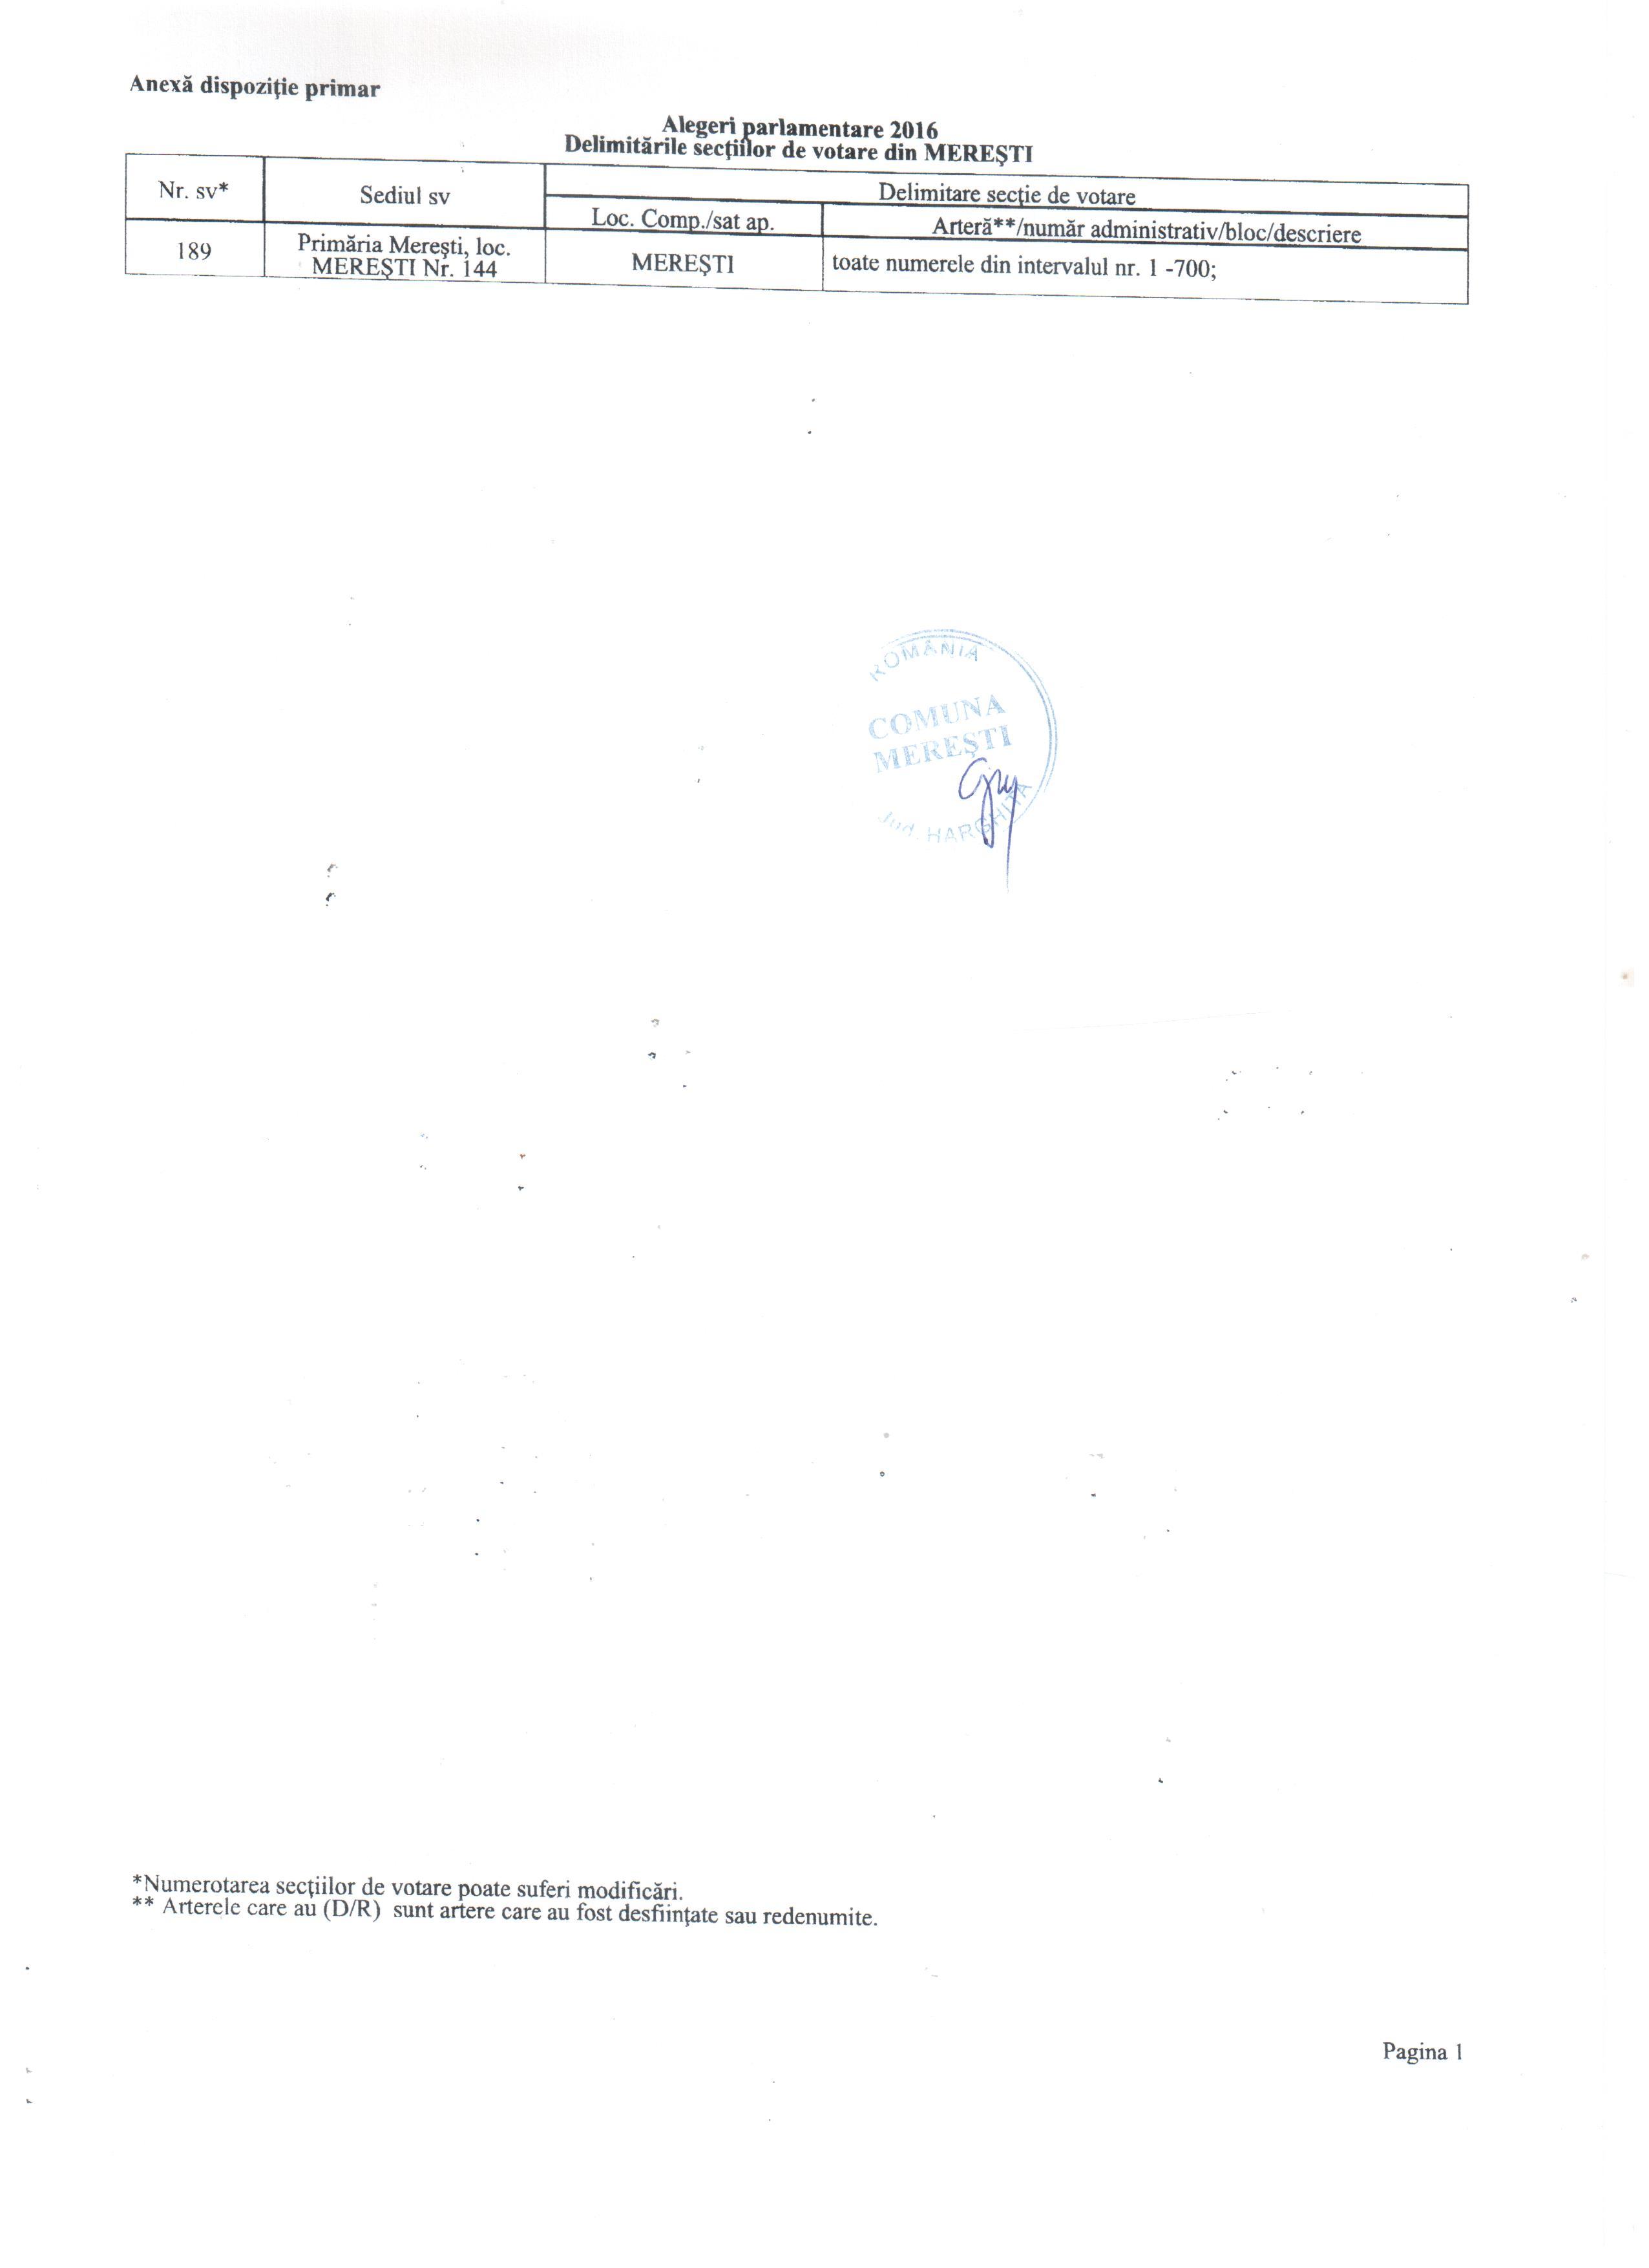 anexa-169-001